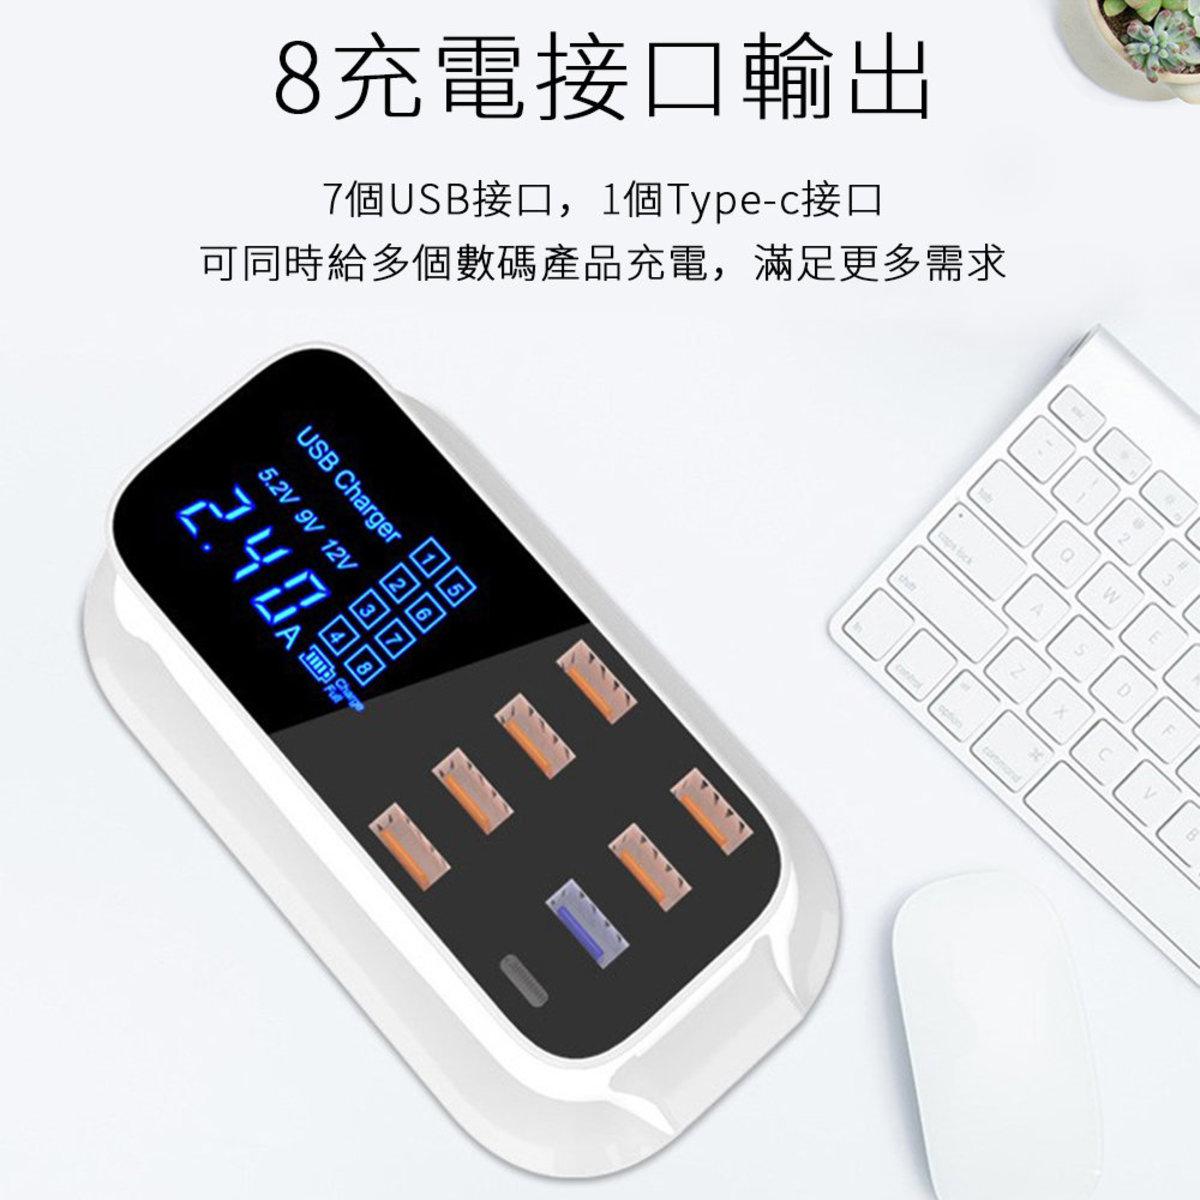 液晶顯示屏快速充電type-C智能8端口USB充電器 電源適配器